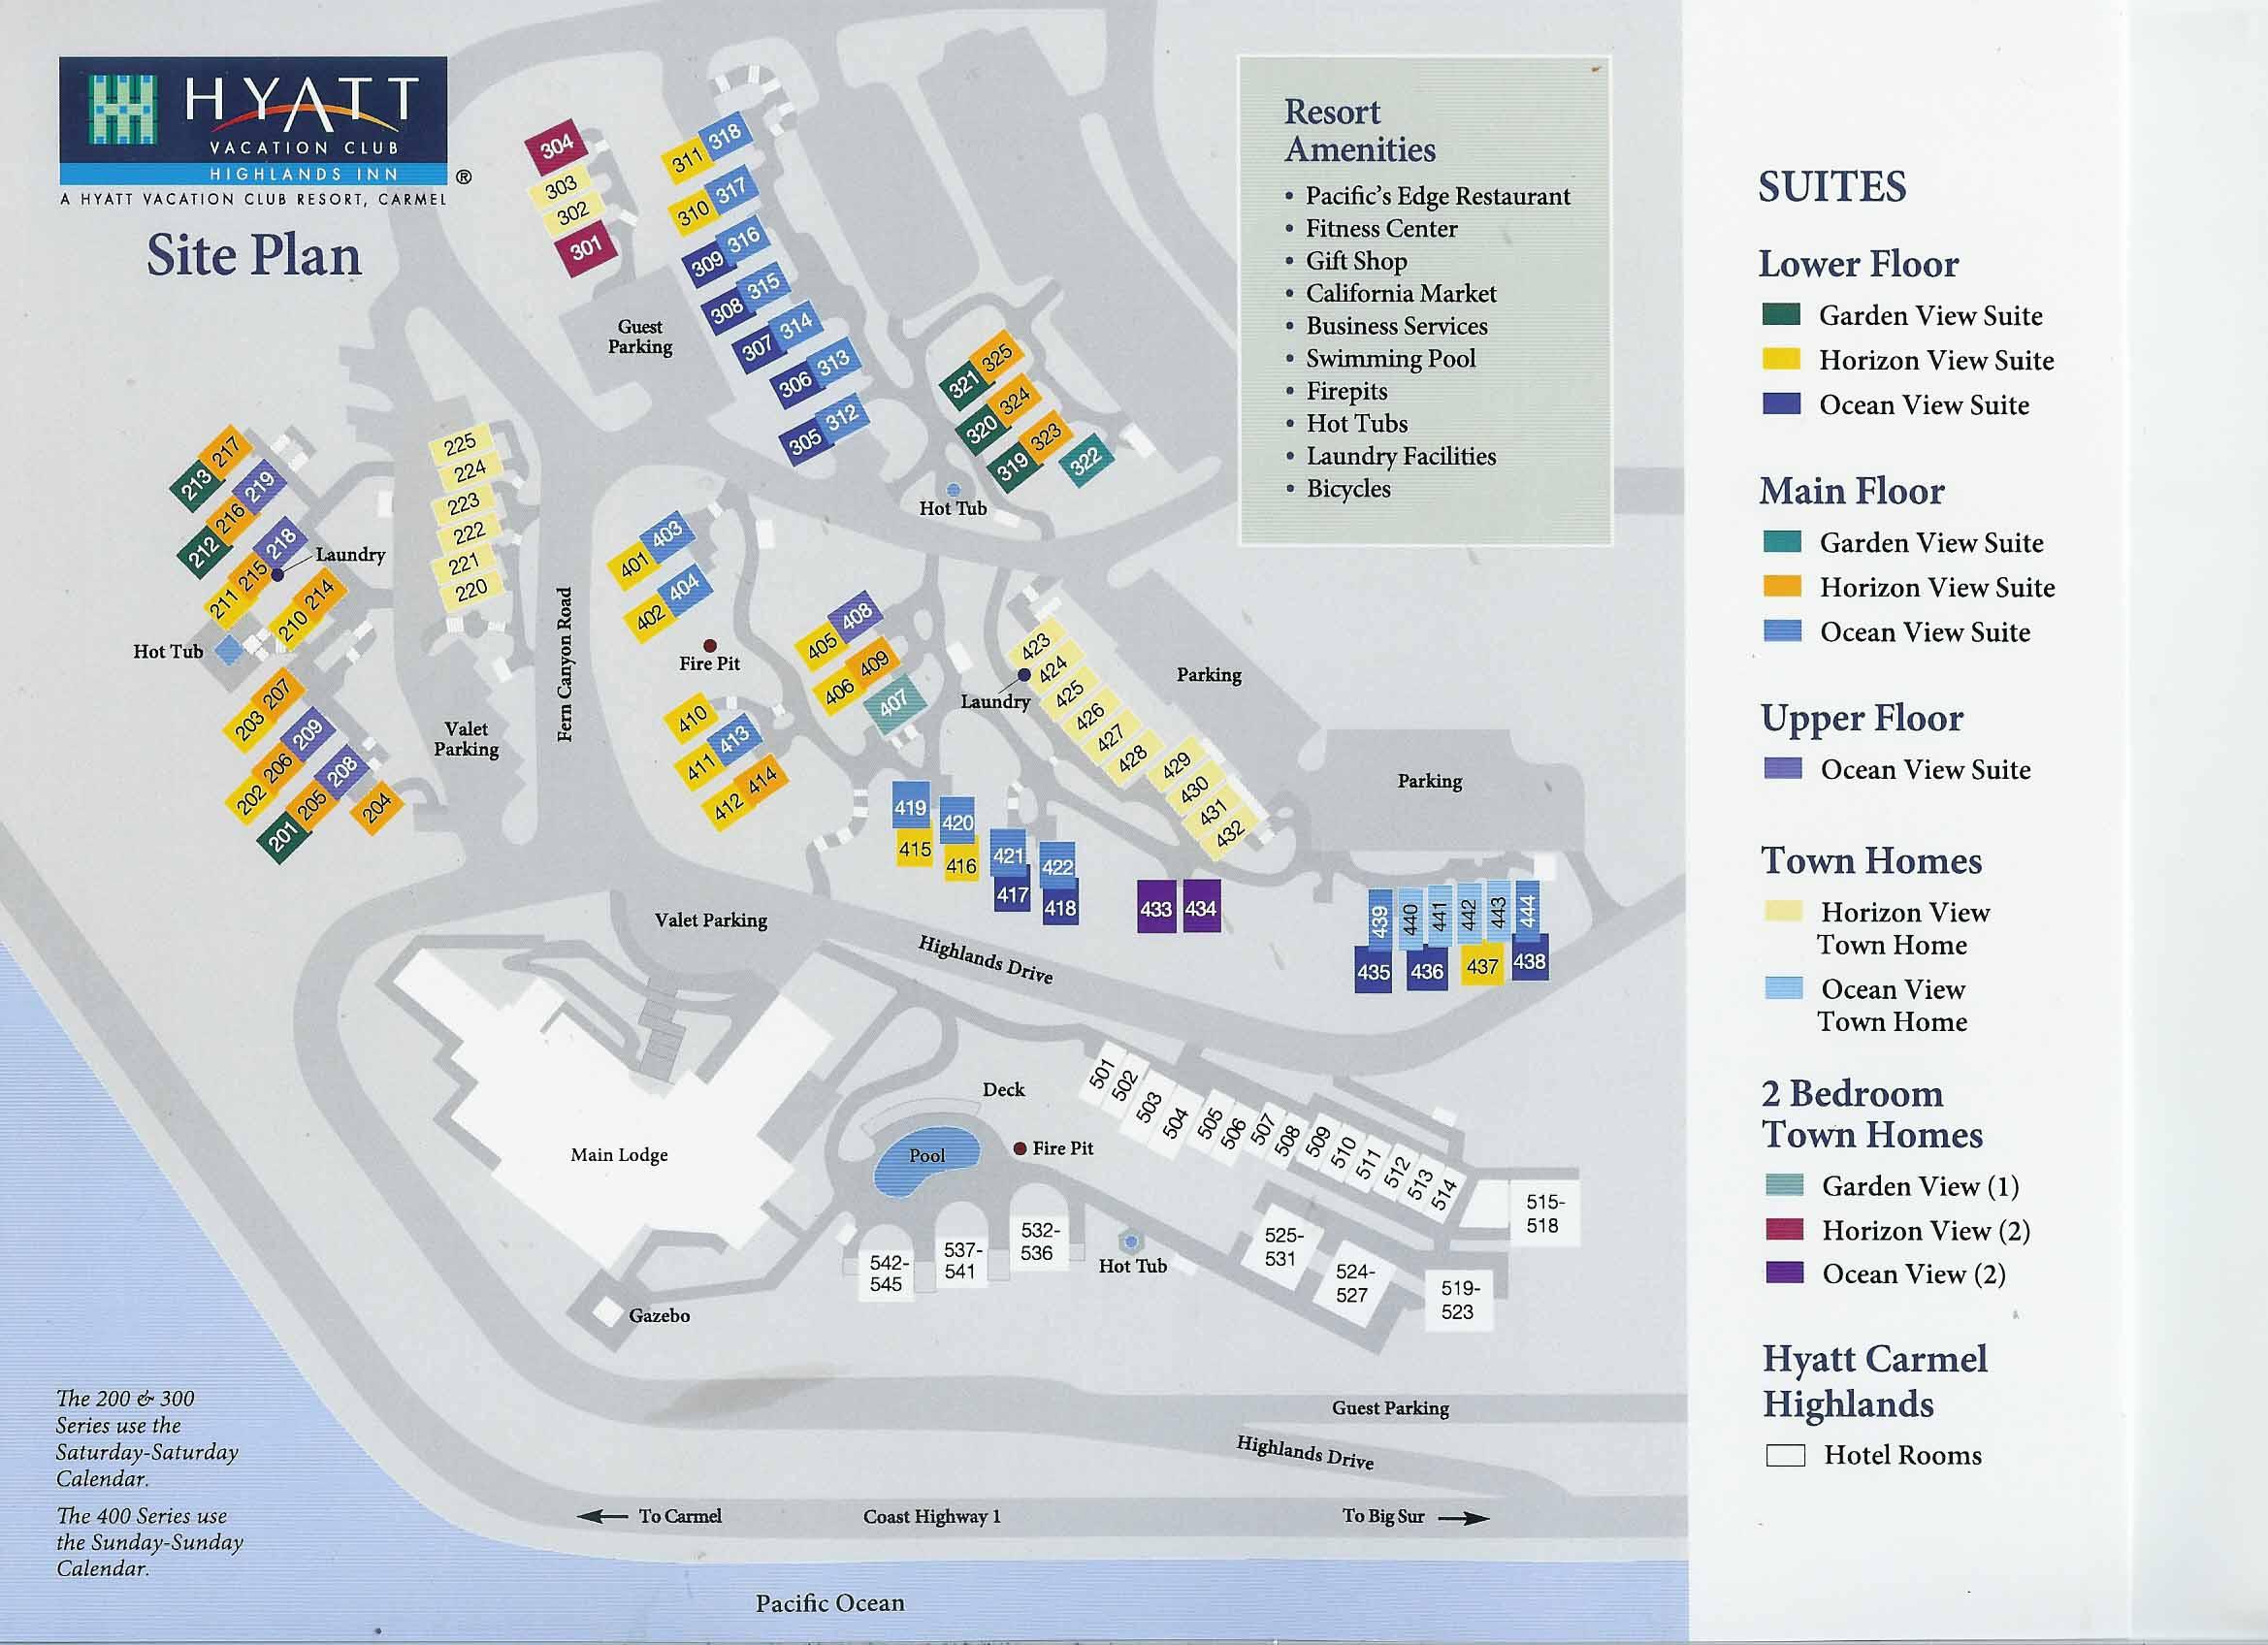 hyatt highlands inn resort map. hyatt highlands inn timeshare resale  paradise timeshare resale